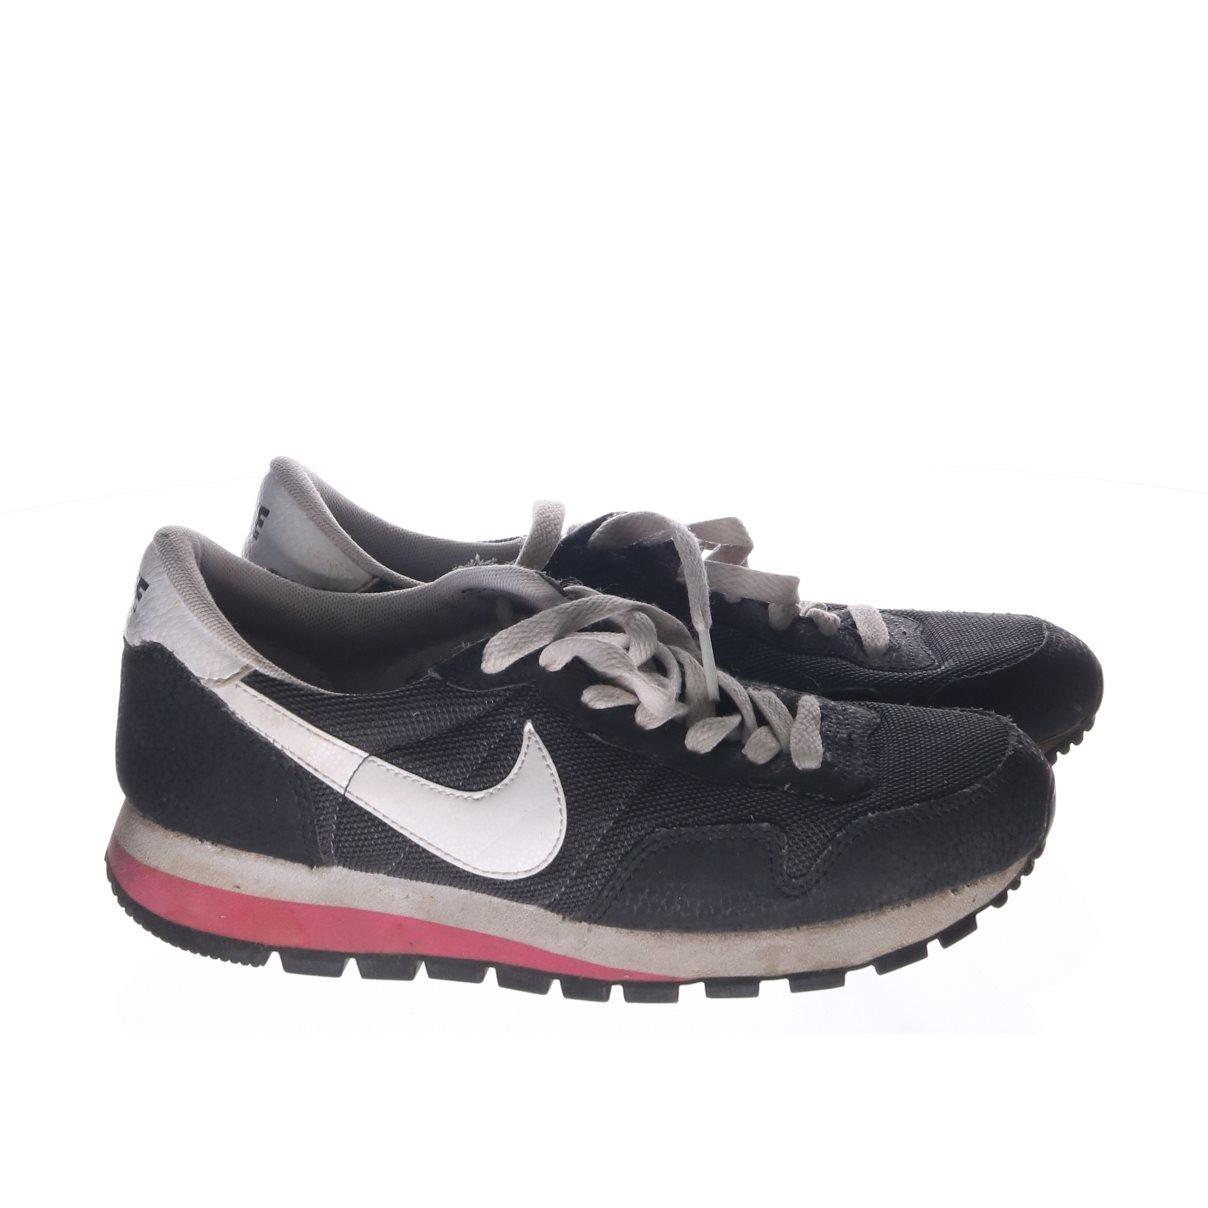 new arrival c1e83 be10d Nike, Sneakers, Strl  37 , Svart Vit